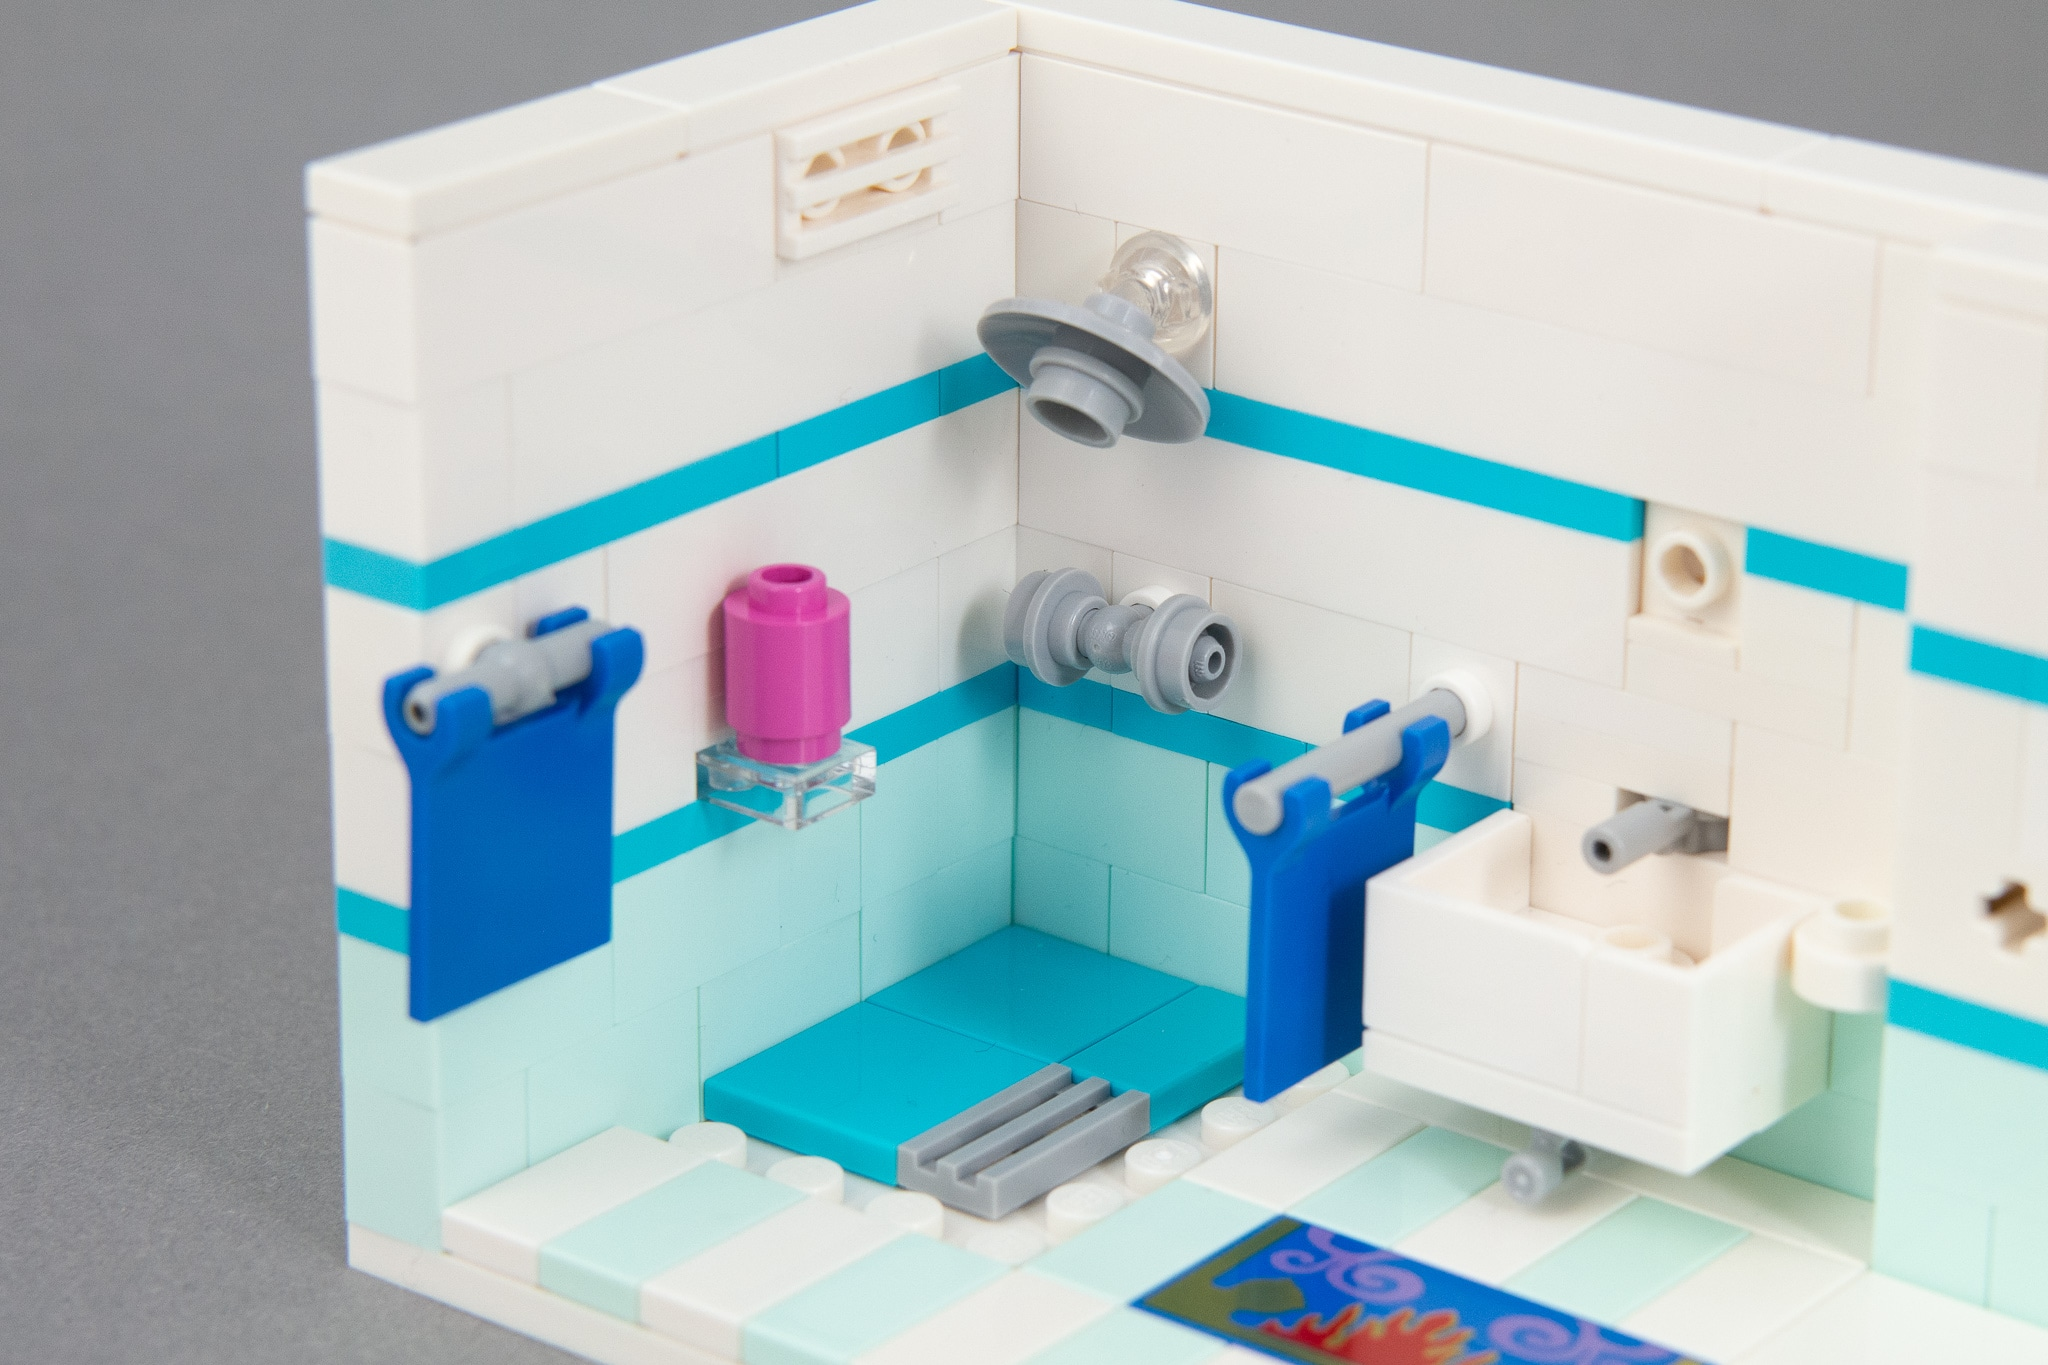 LEGO Badezimmer: Armaturen in der Dusche